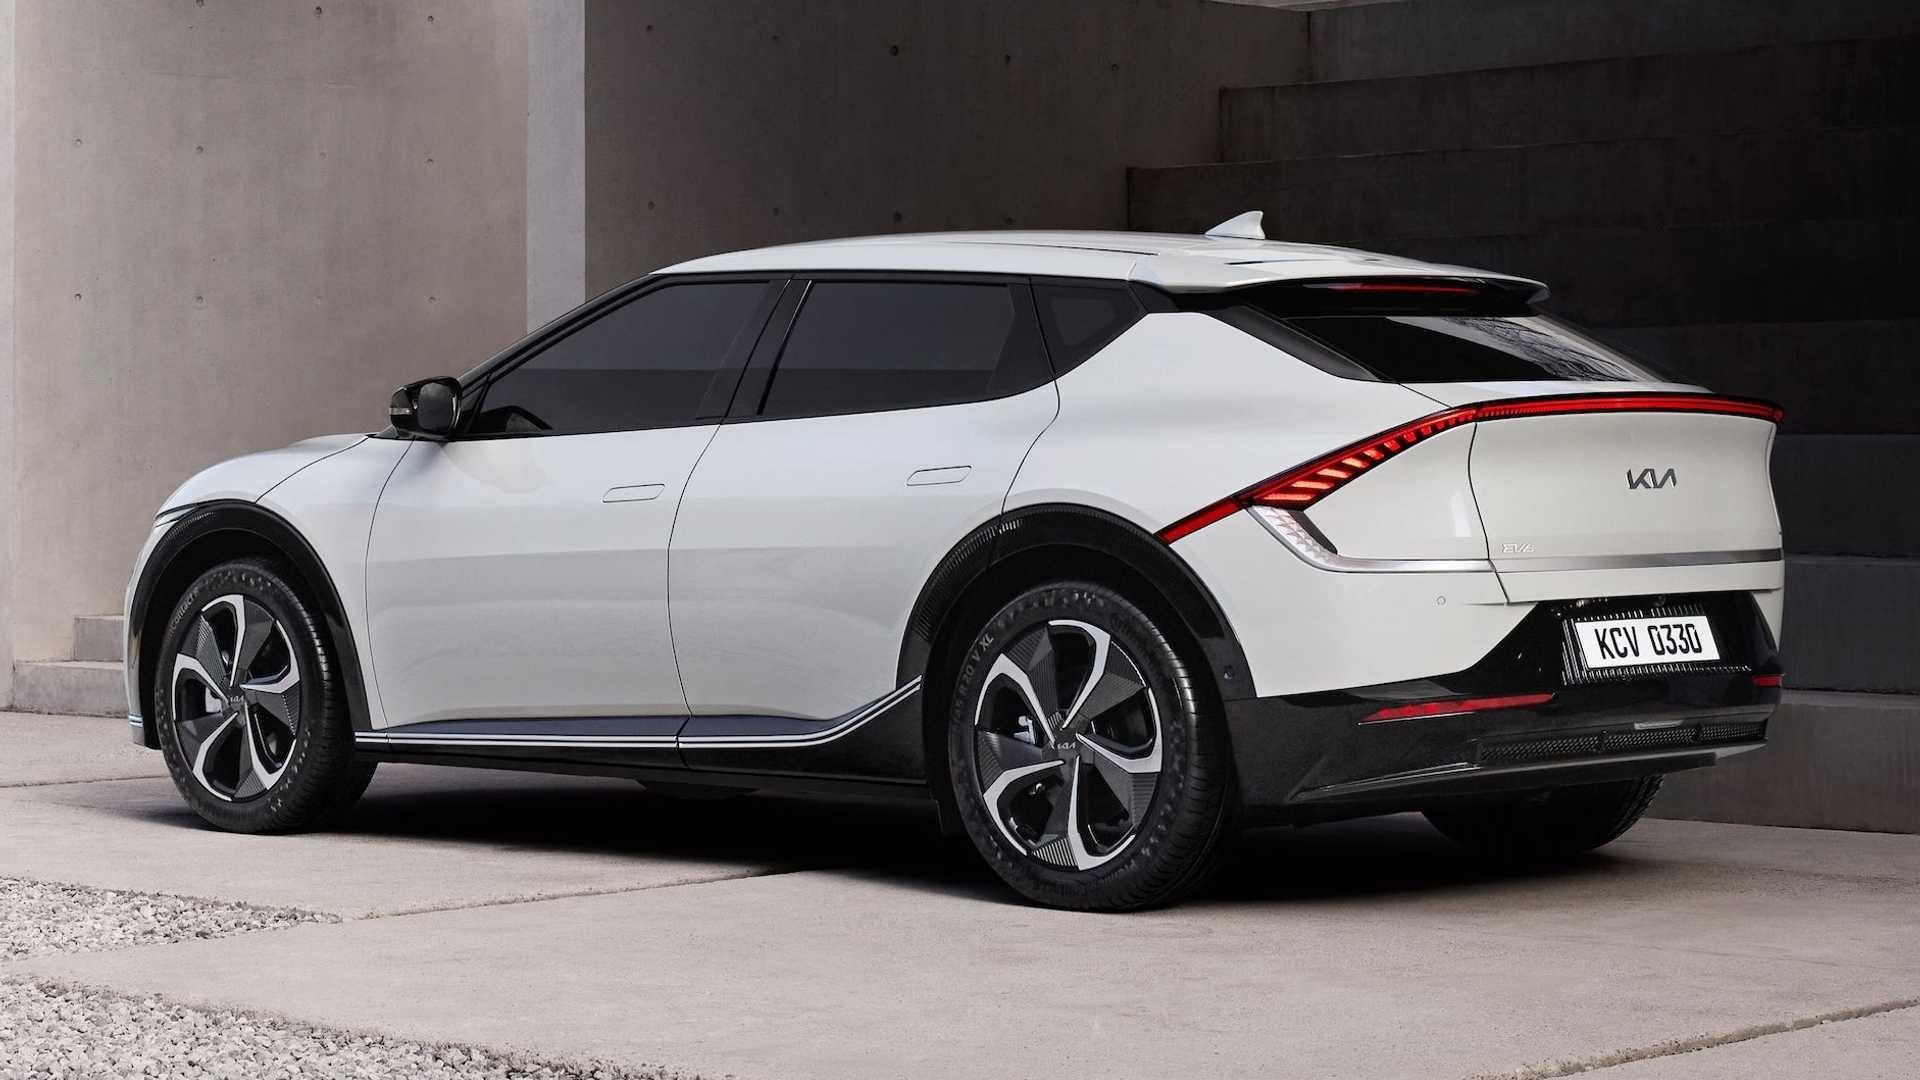 Kia объявила, что все 1500 экземпляров приветственной серии EV6 First Edition раскупили в первый же день. Всего нужно было внести лишь $100 депозита, чтобы зарезервировать электрокар. Полная стоимость особого исполнения составляет $58 500, а его поставки начнутся в первом квартале 2022 года.